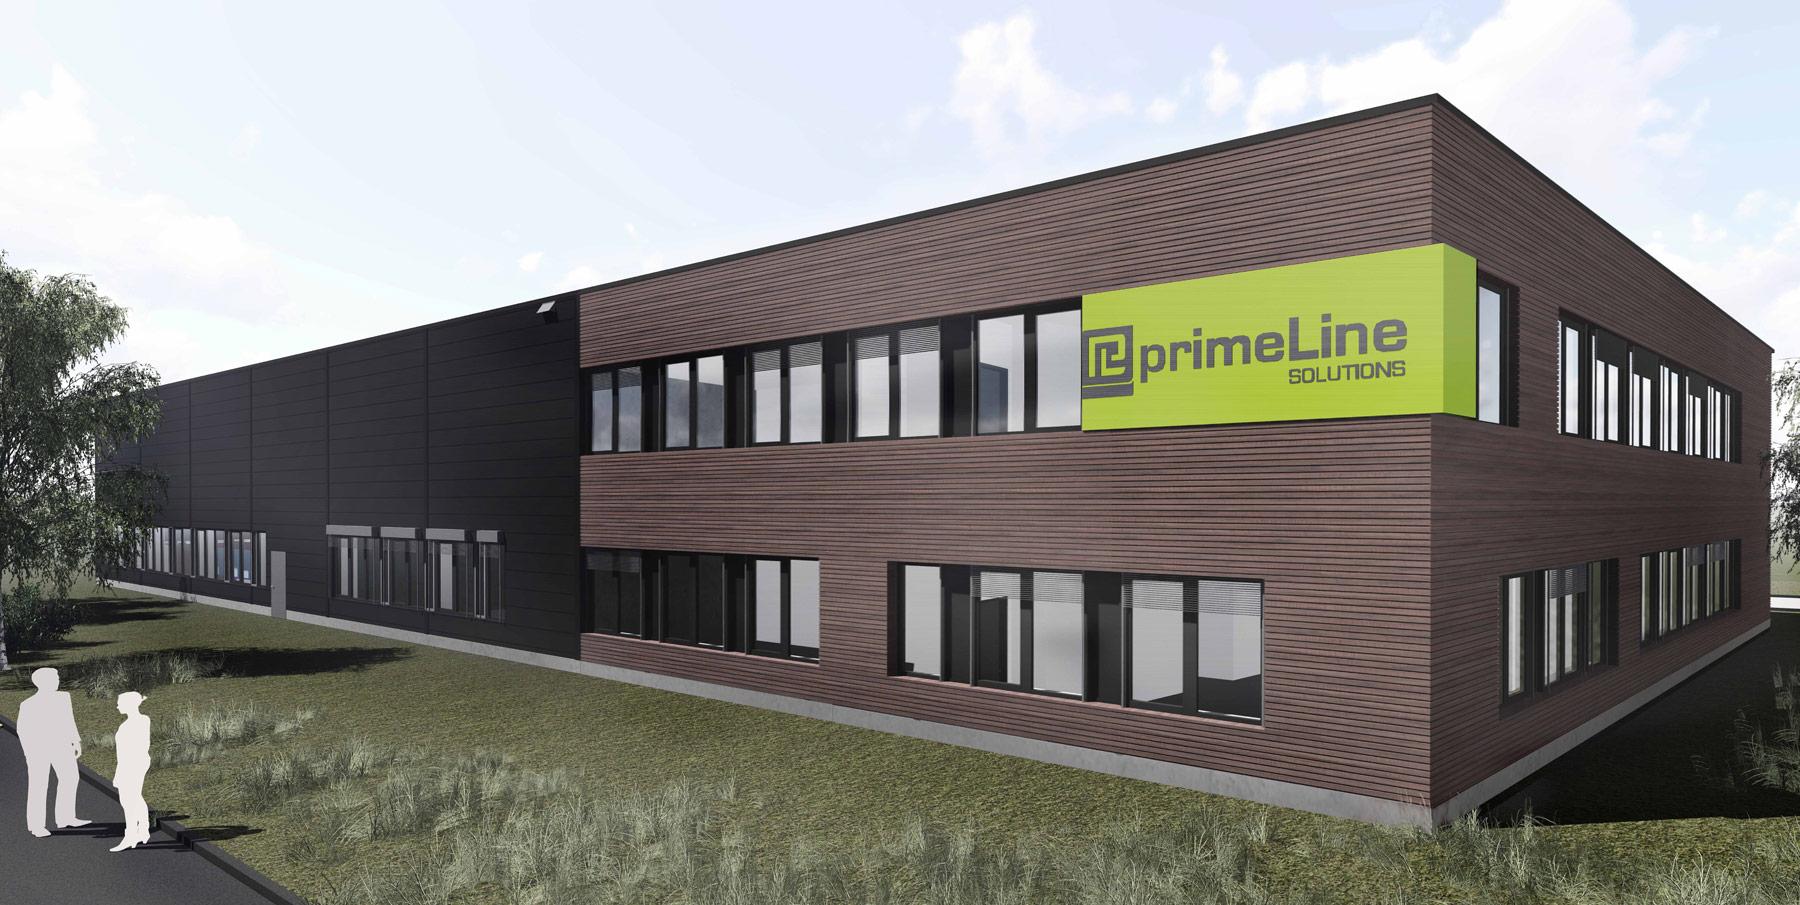 So soll das neue Gebäude der primeLine Unternehmensgruppe im Herbst diesen Jahres fertiggestellt werden